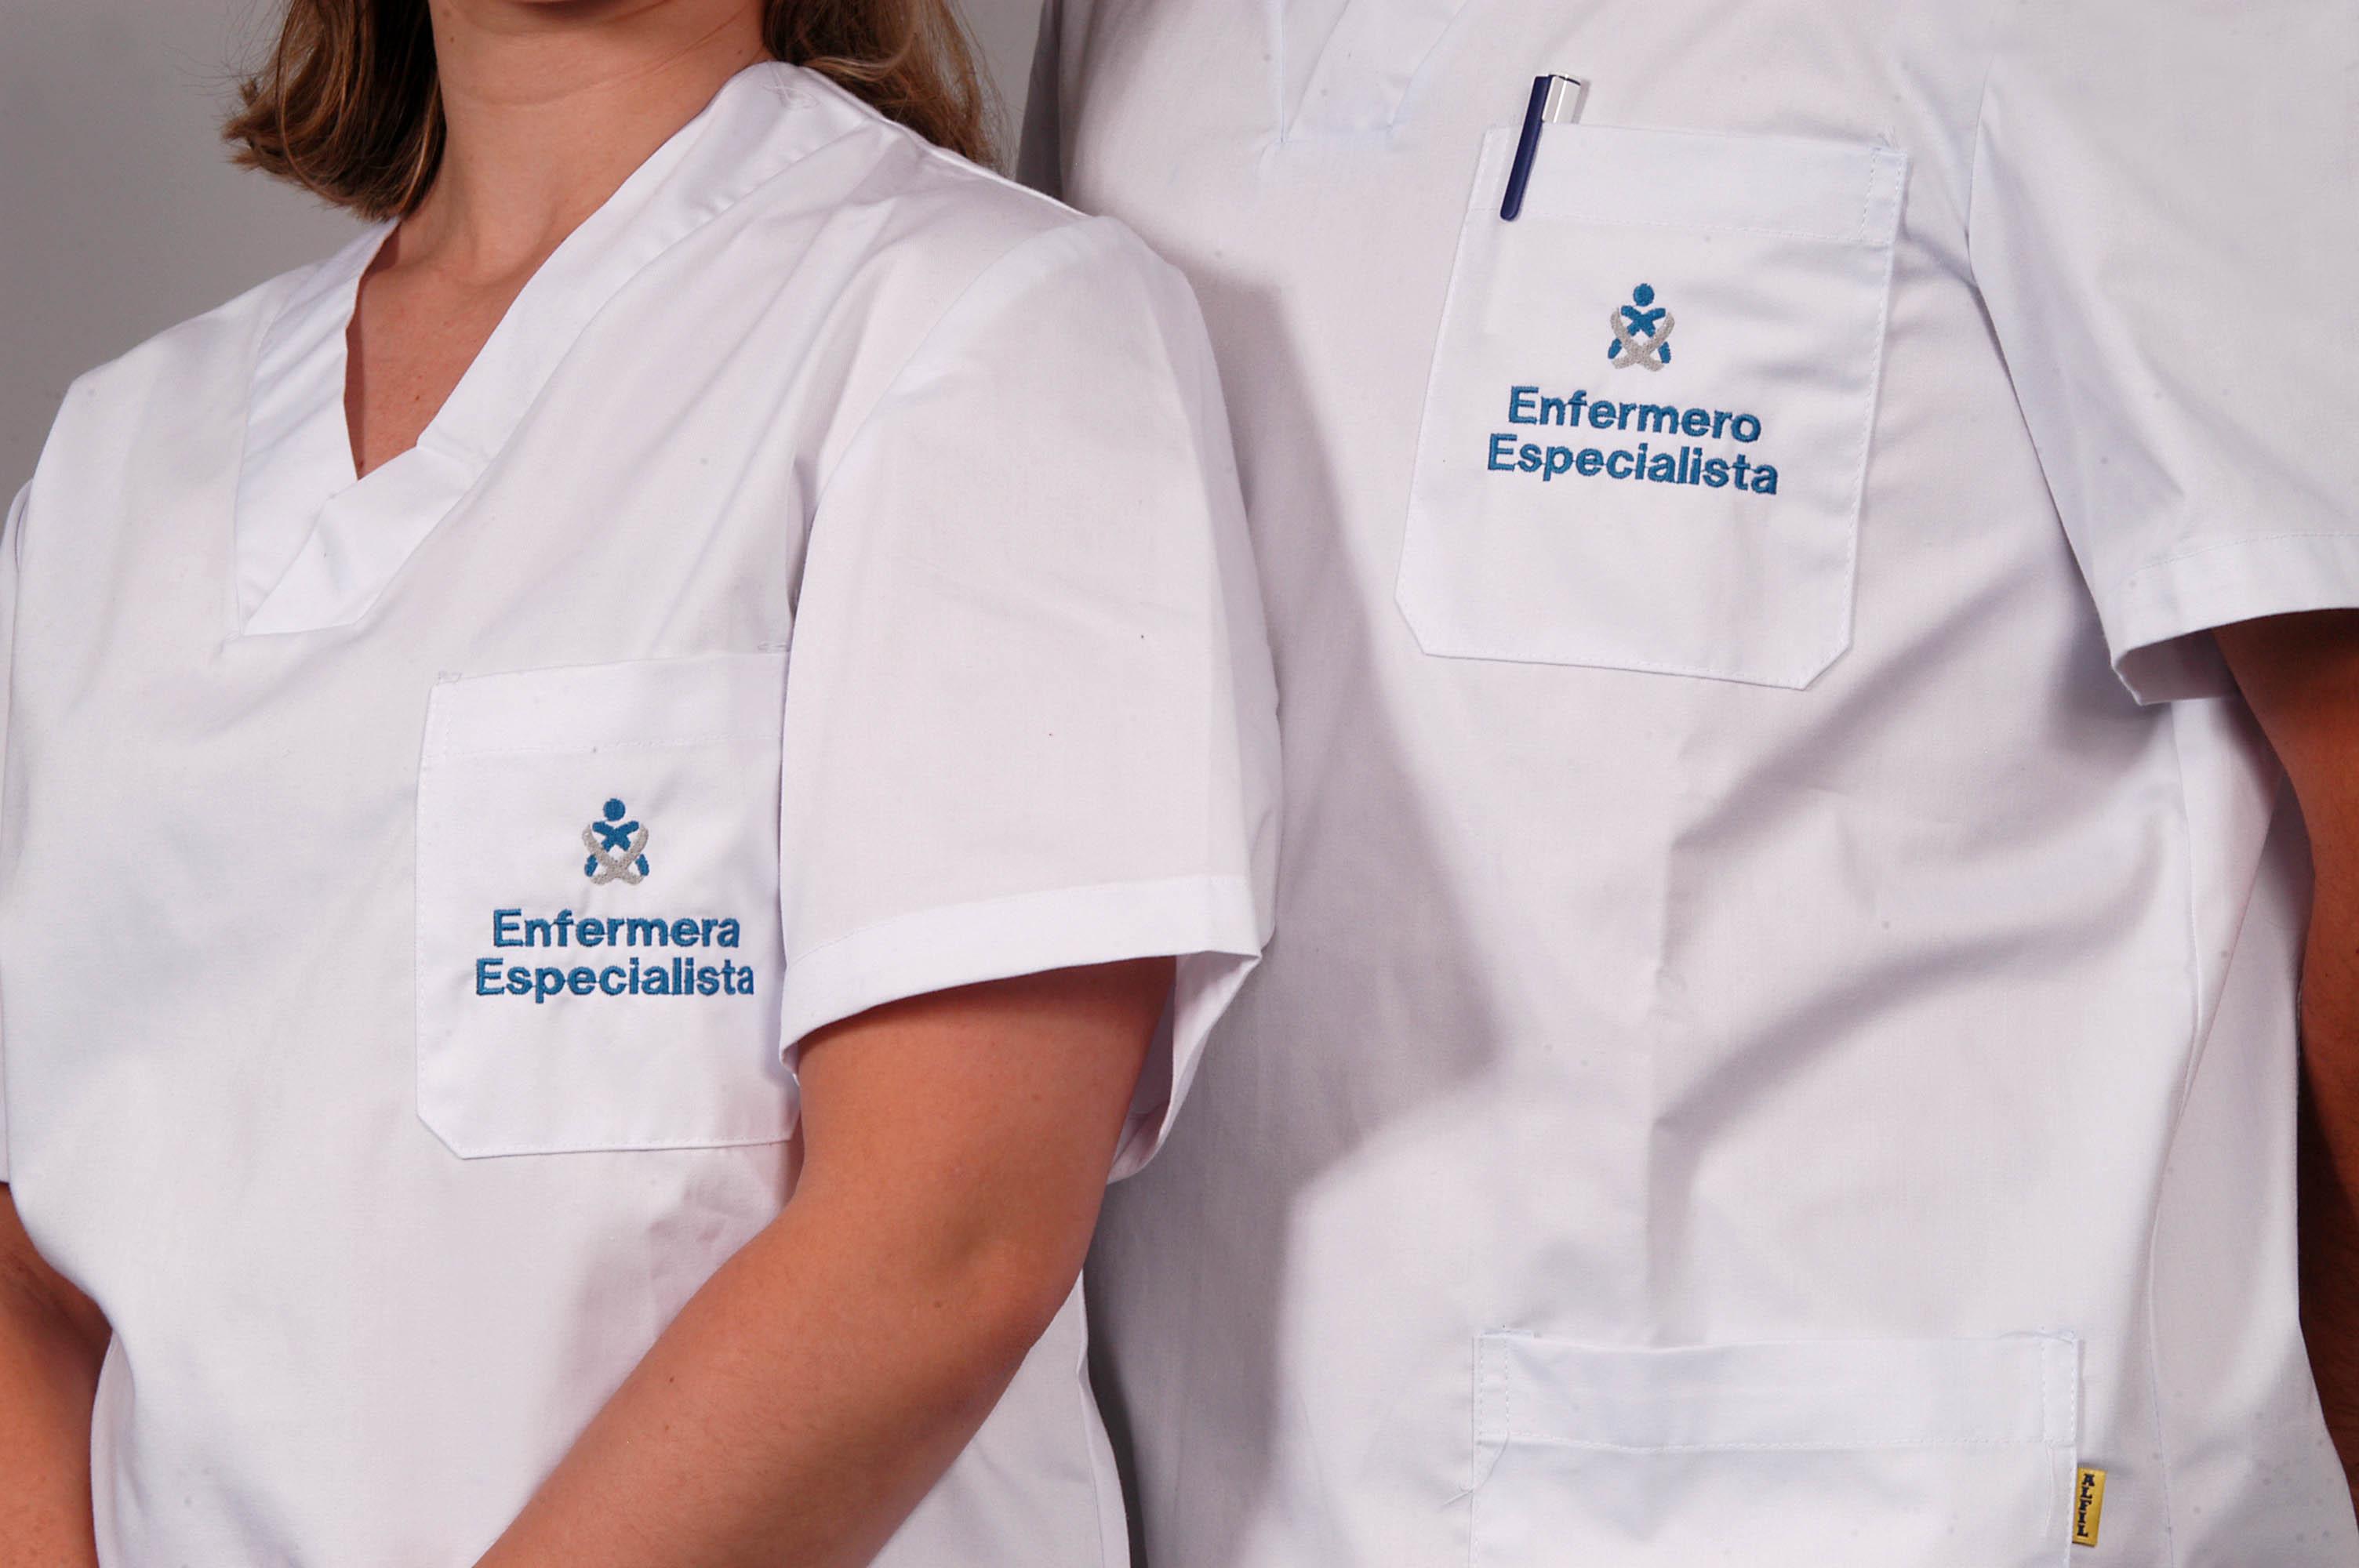 El Colegio de Enfermería de Alicante reclama la participación de las enfermeras del Trabajo en la campaña de vacunación